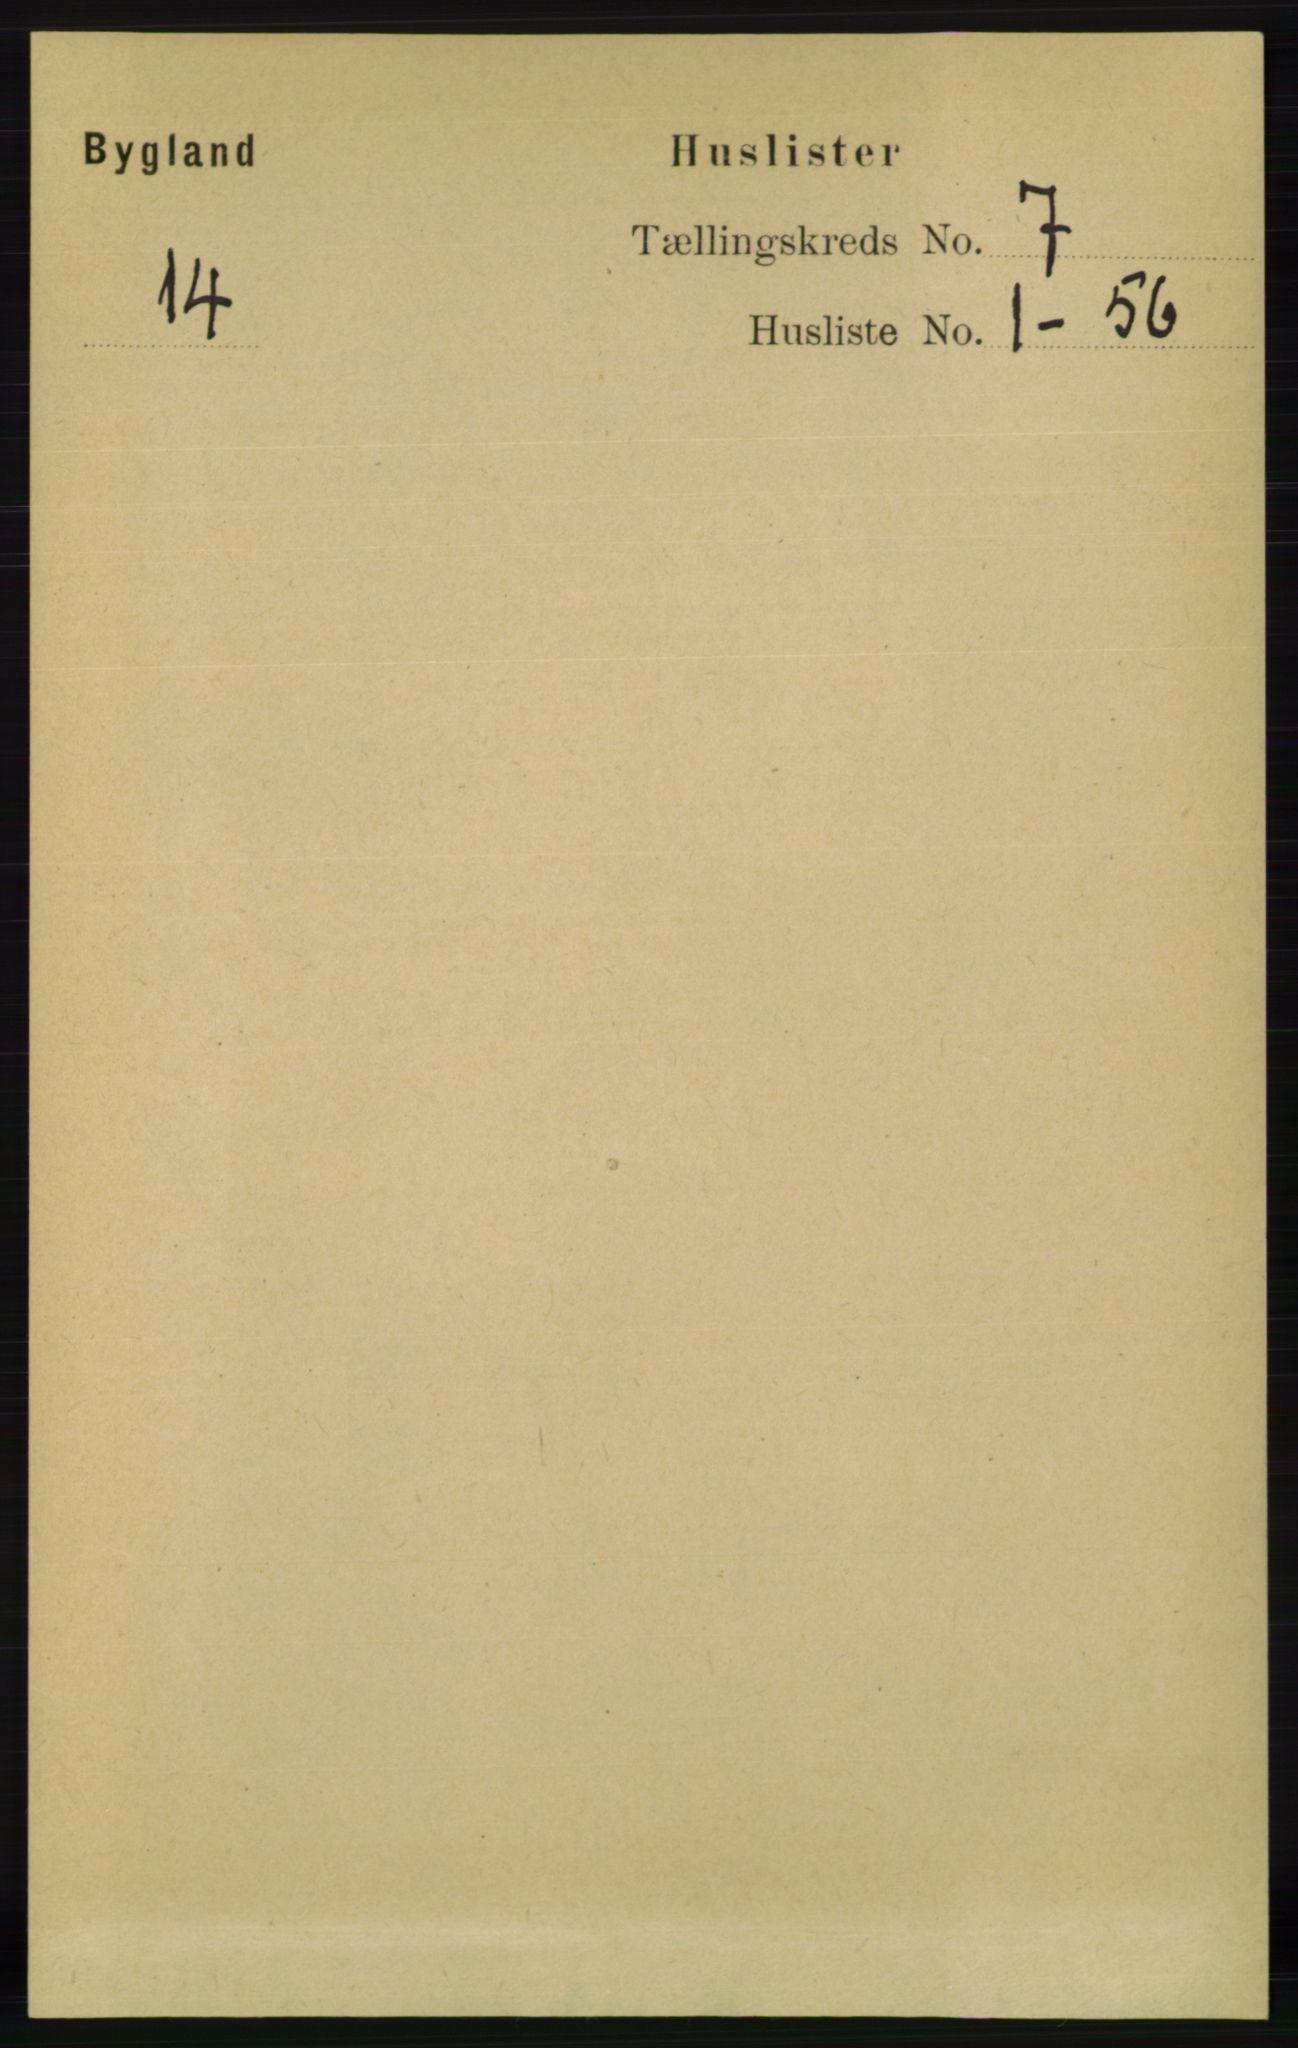 RA, Folketelling 1891 for 0938 Bygland herred, 1891, s. 1499